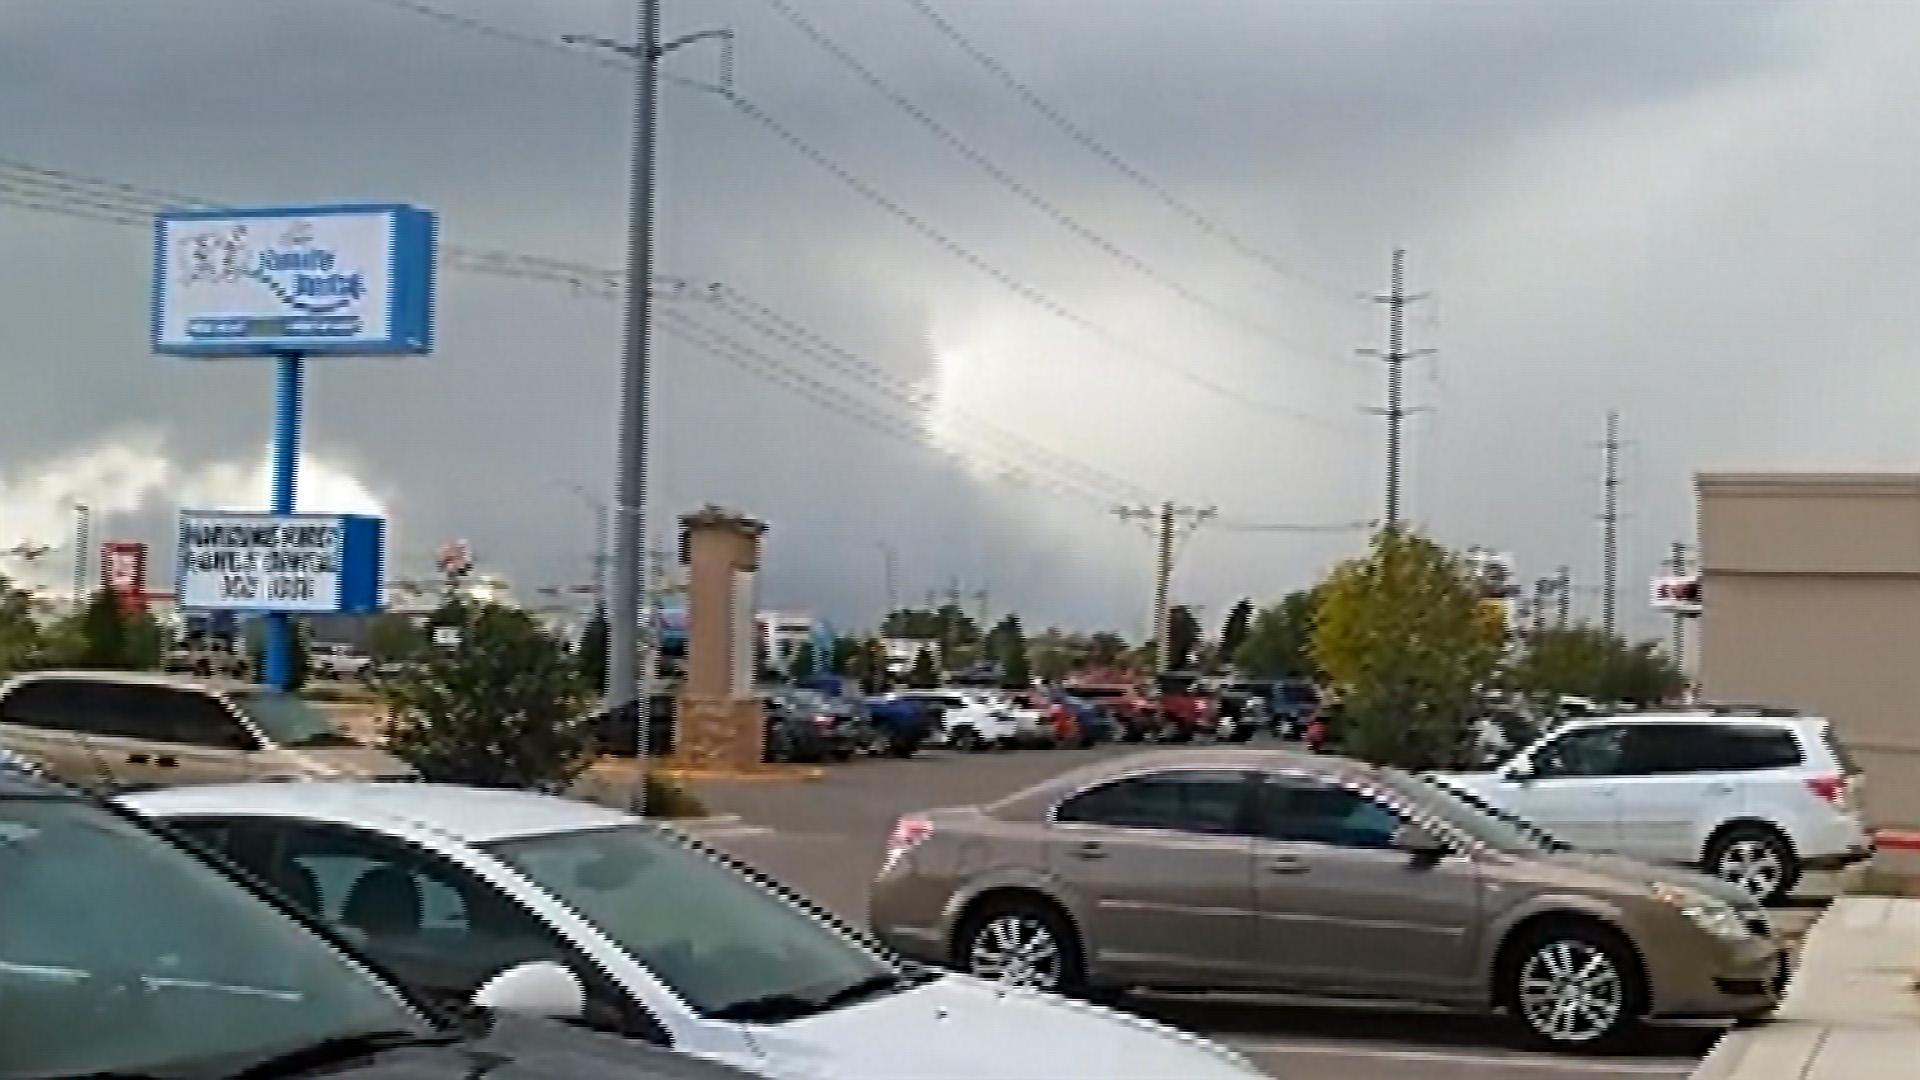 Hail Storms Thrash El Paso, Texas - NBC News